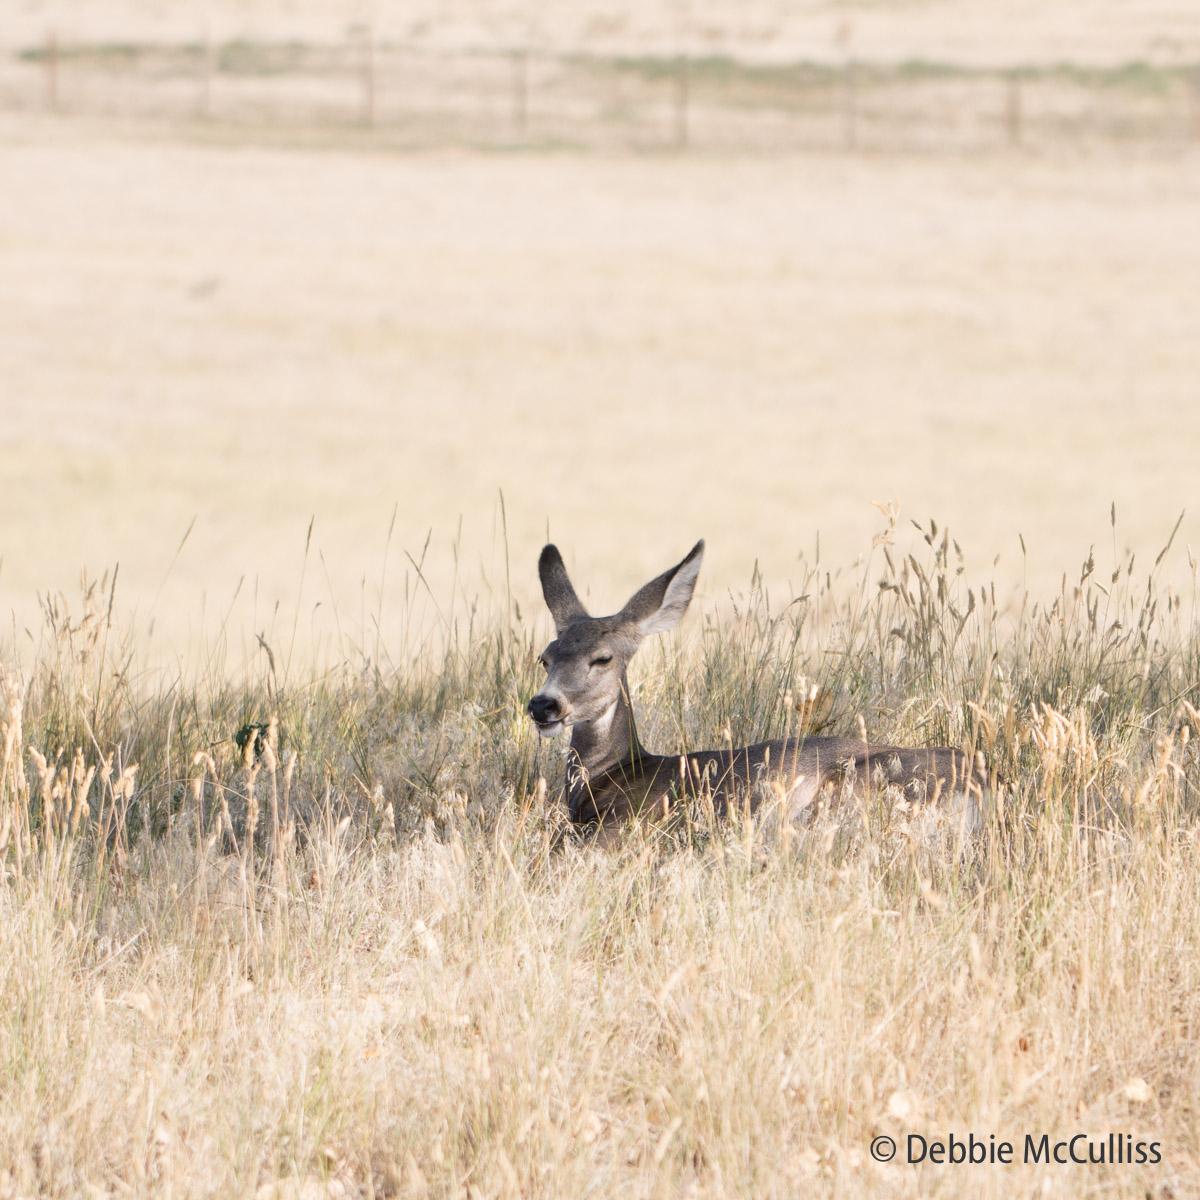 Rocky Mountain Arsenal, Summer 2017, deer, summer, photo